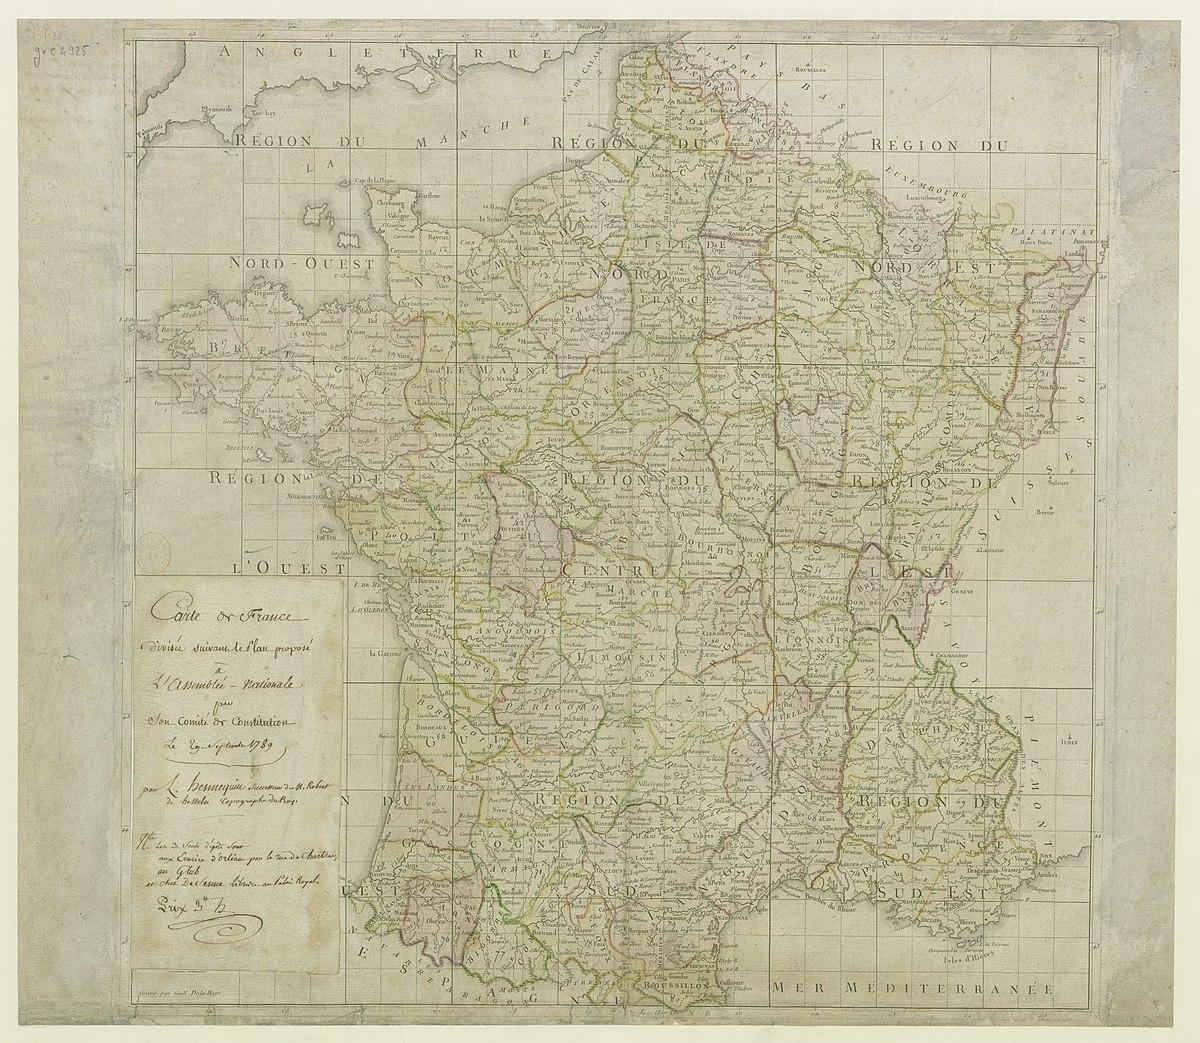 plan carte de france File:Carte de la France divisée suivant le plan proposé à l